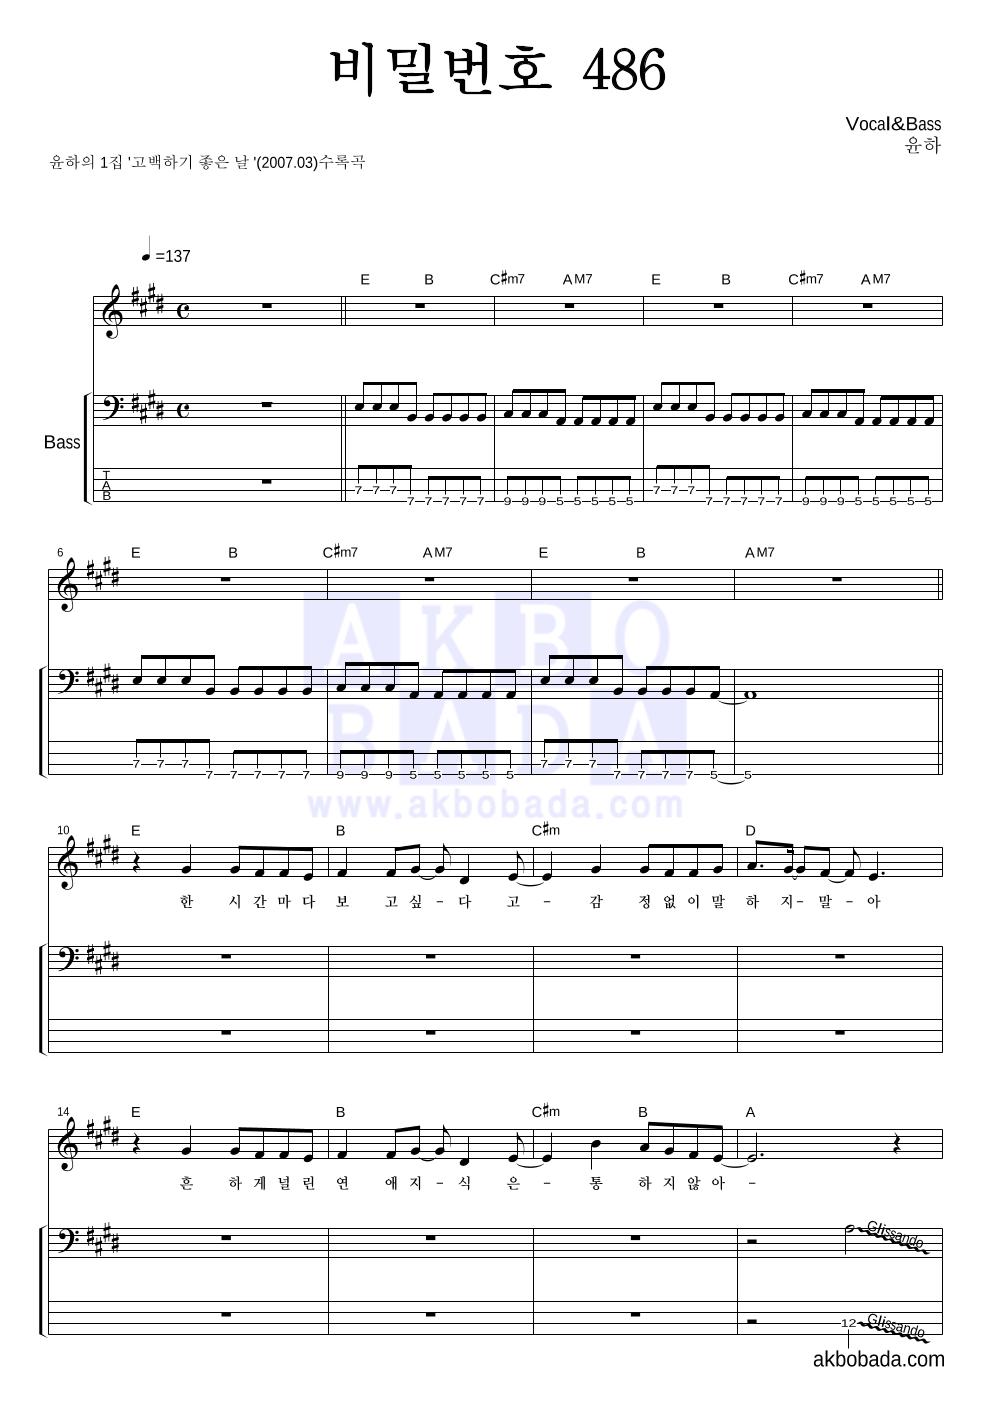 윤하 - 비밀번호 486 베이스 악보